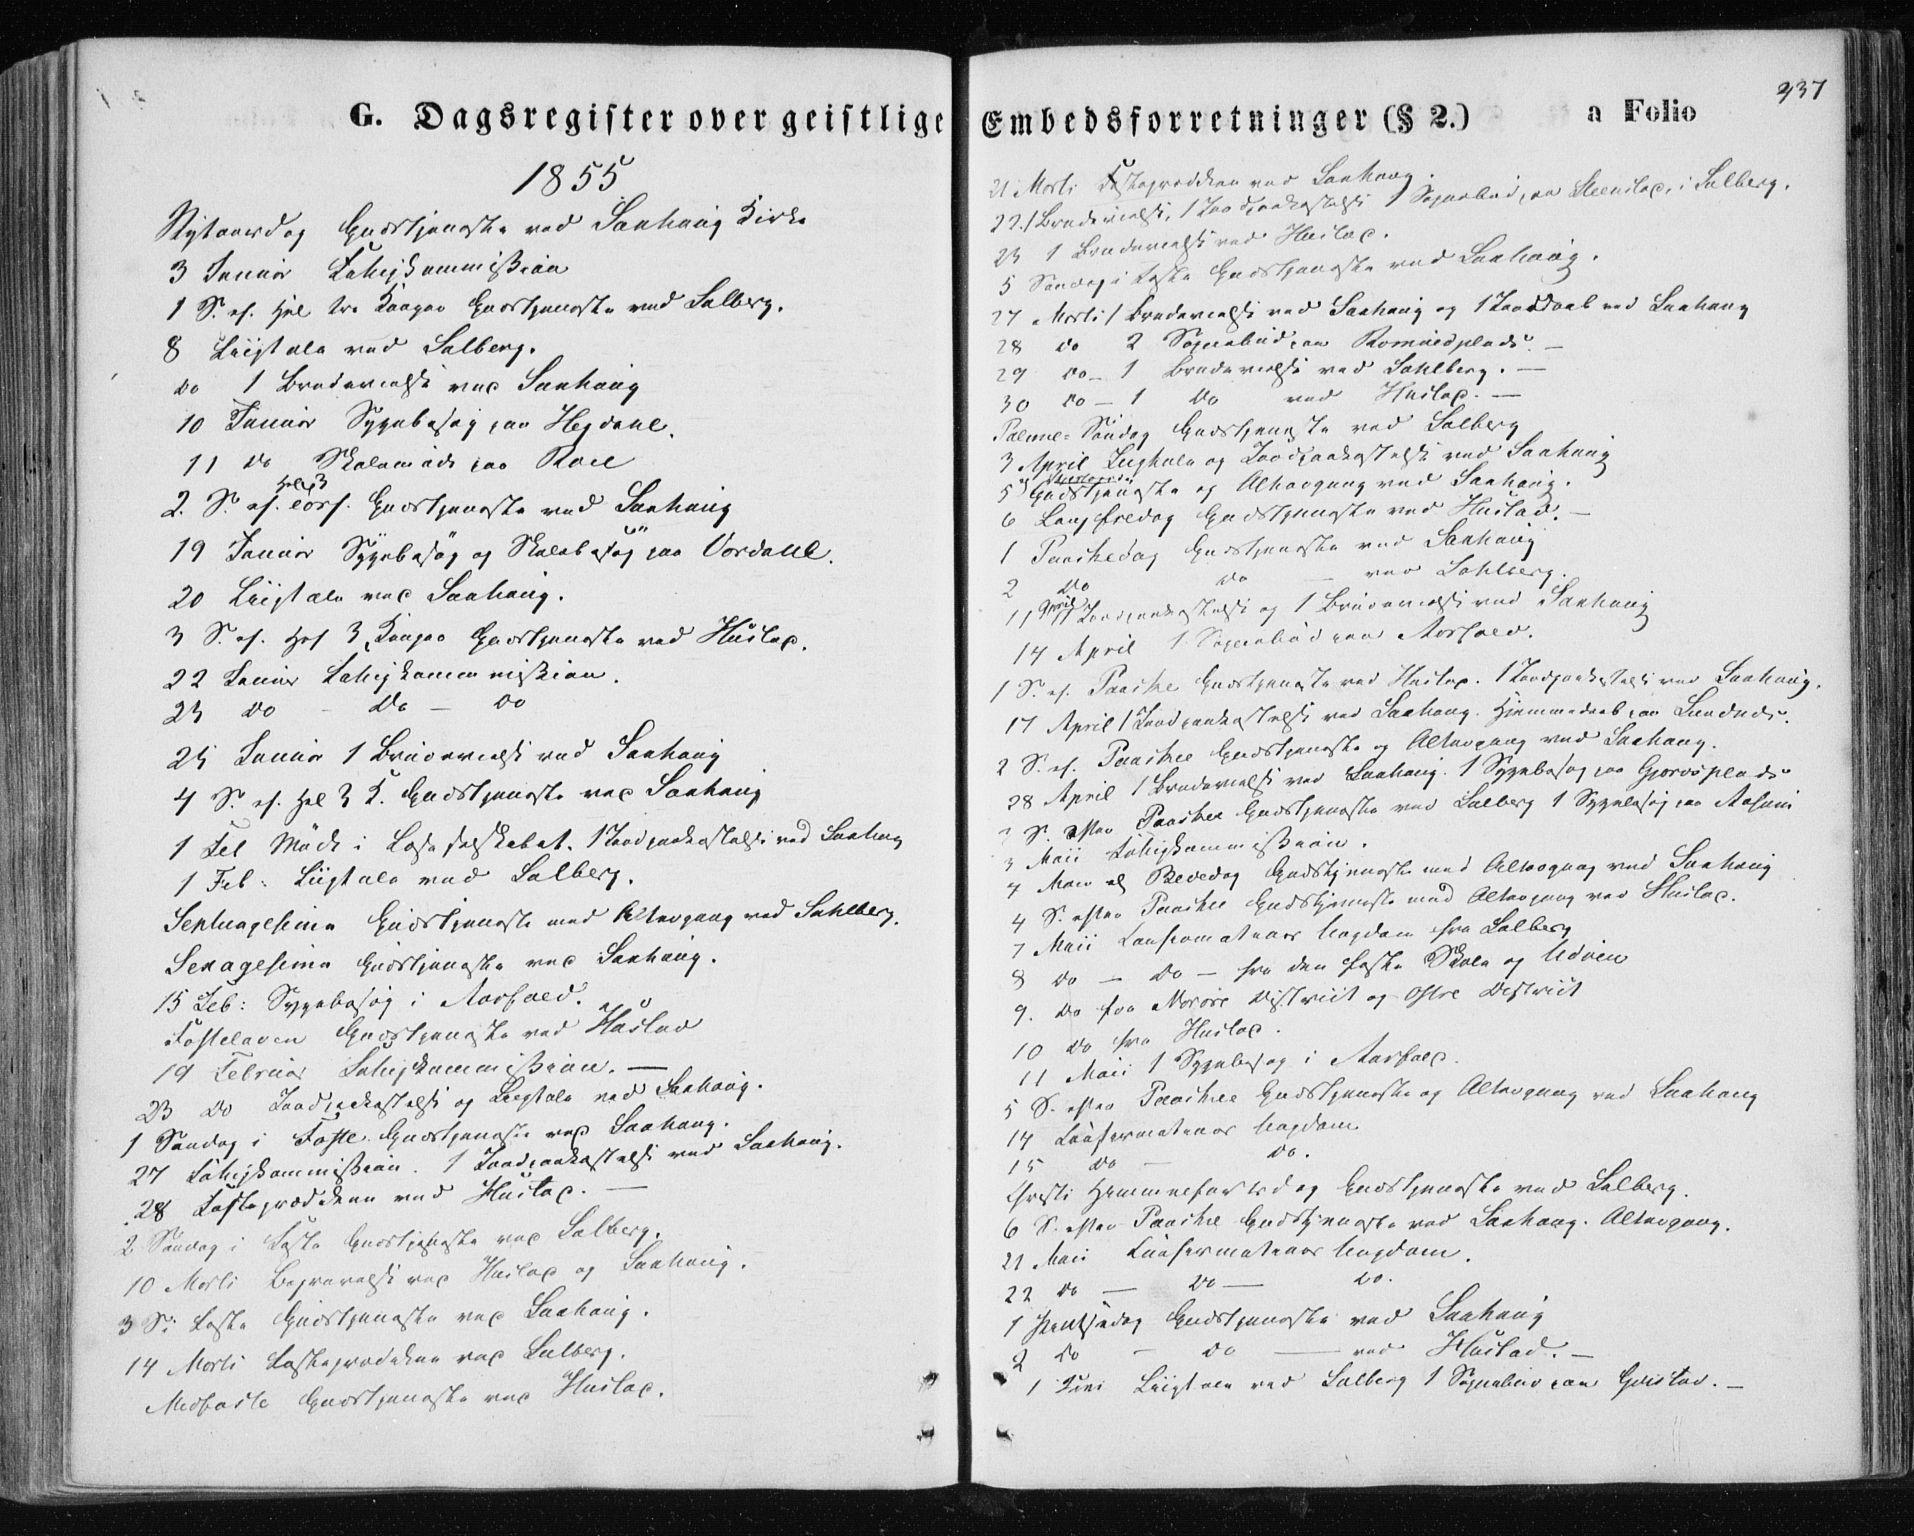 SAT, Ministerialprotokoller, klokkerbøker og fødselsregistre - Nord-Trøndelag, 730/L0283: Parish register (official) no. 730A08, 1855-1865, p. 437